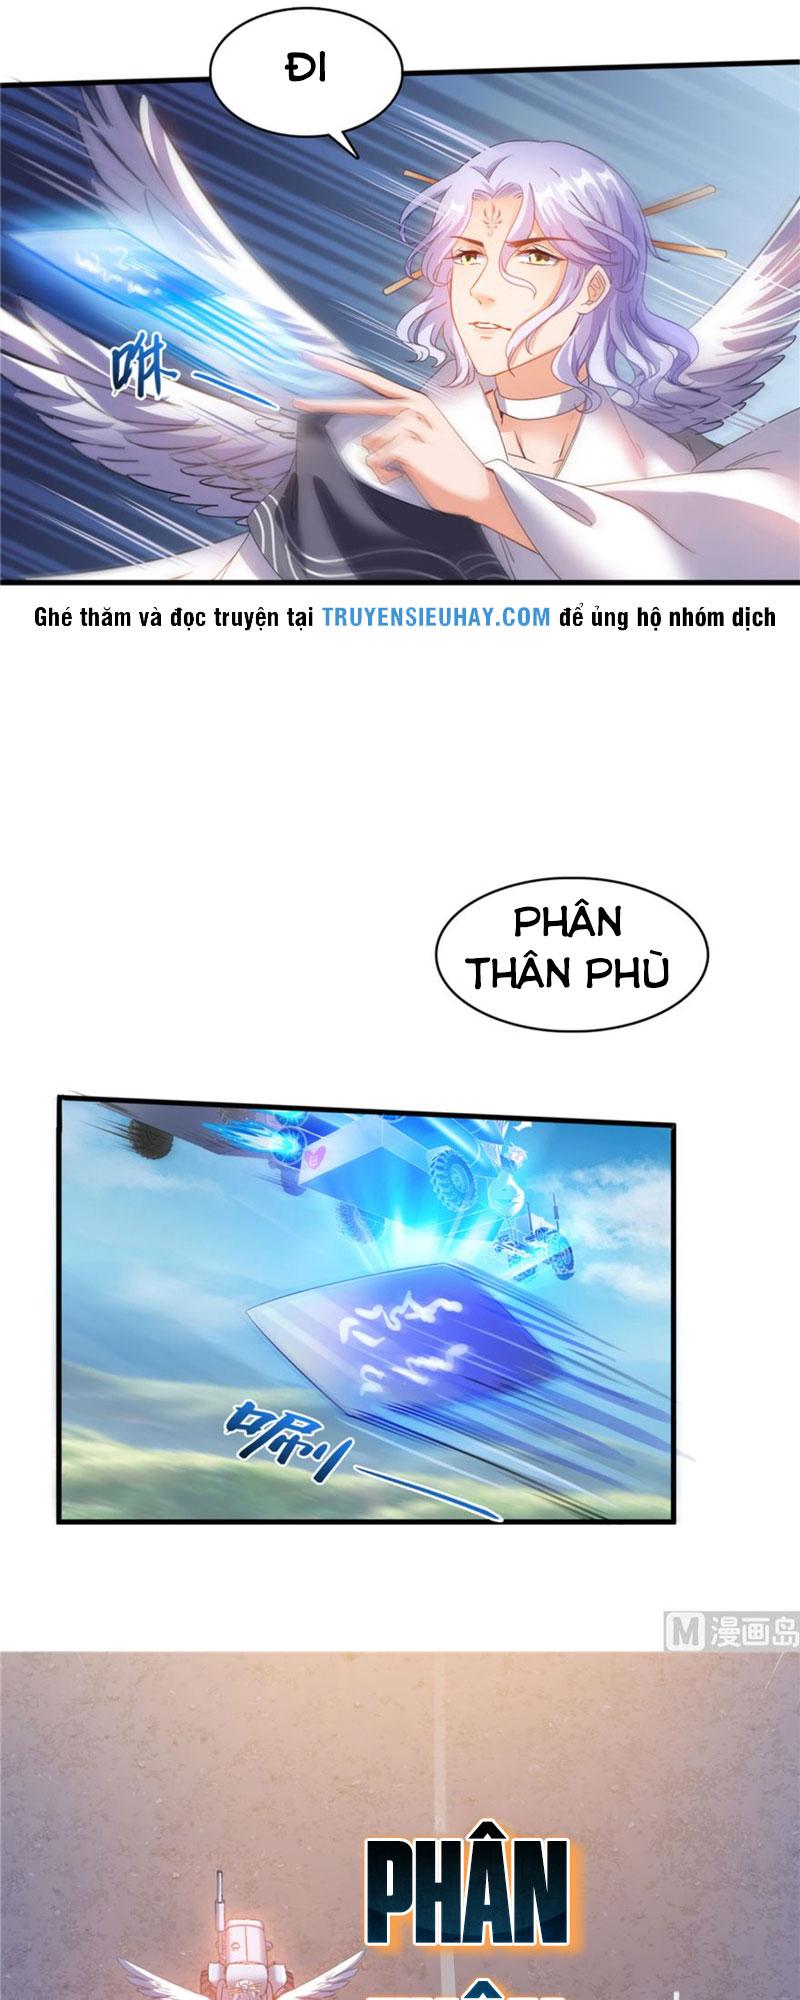 Tu Chân Nói Chuyện Phiếm Quần chap 253 - Trang 10